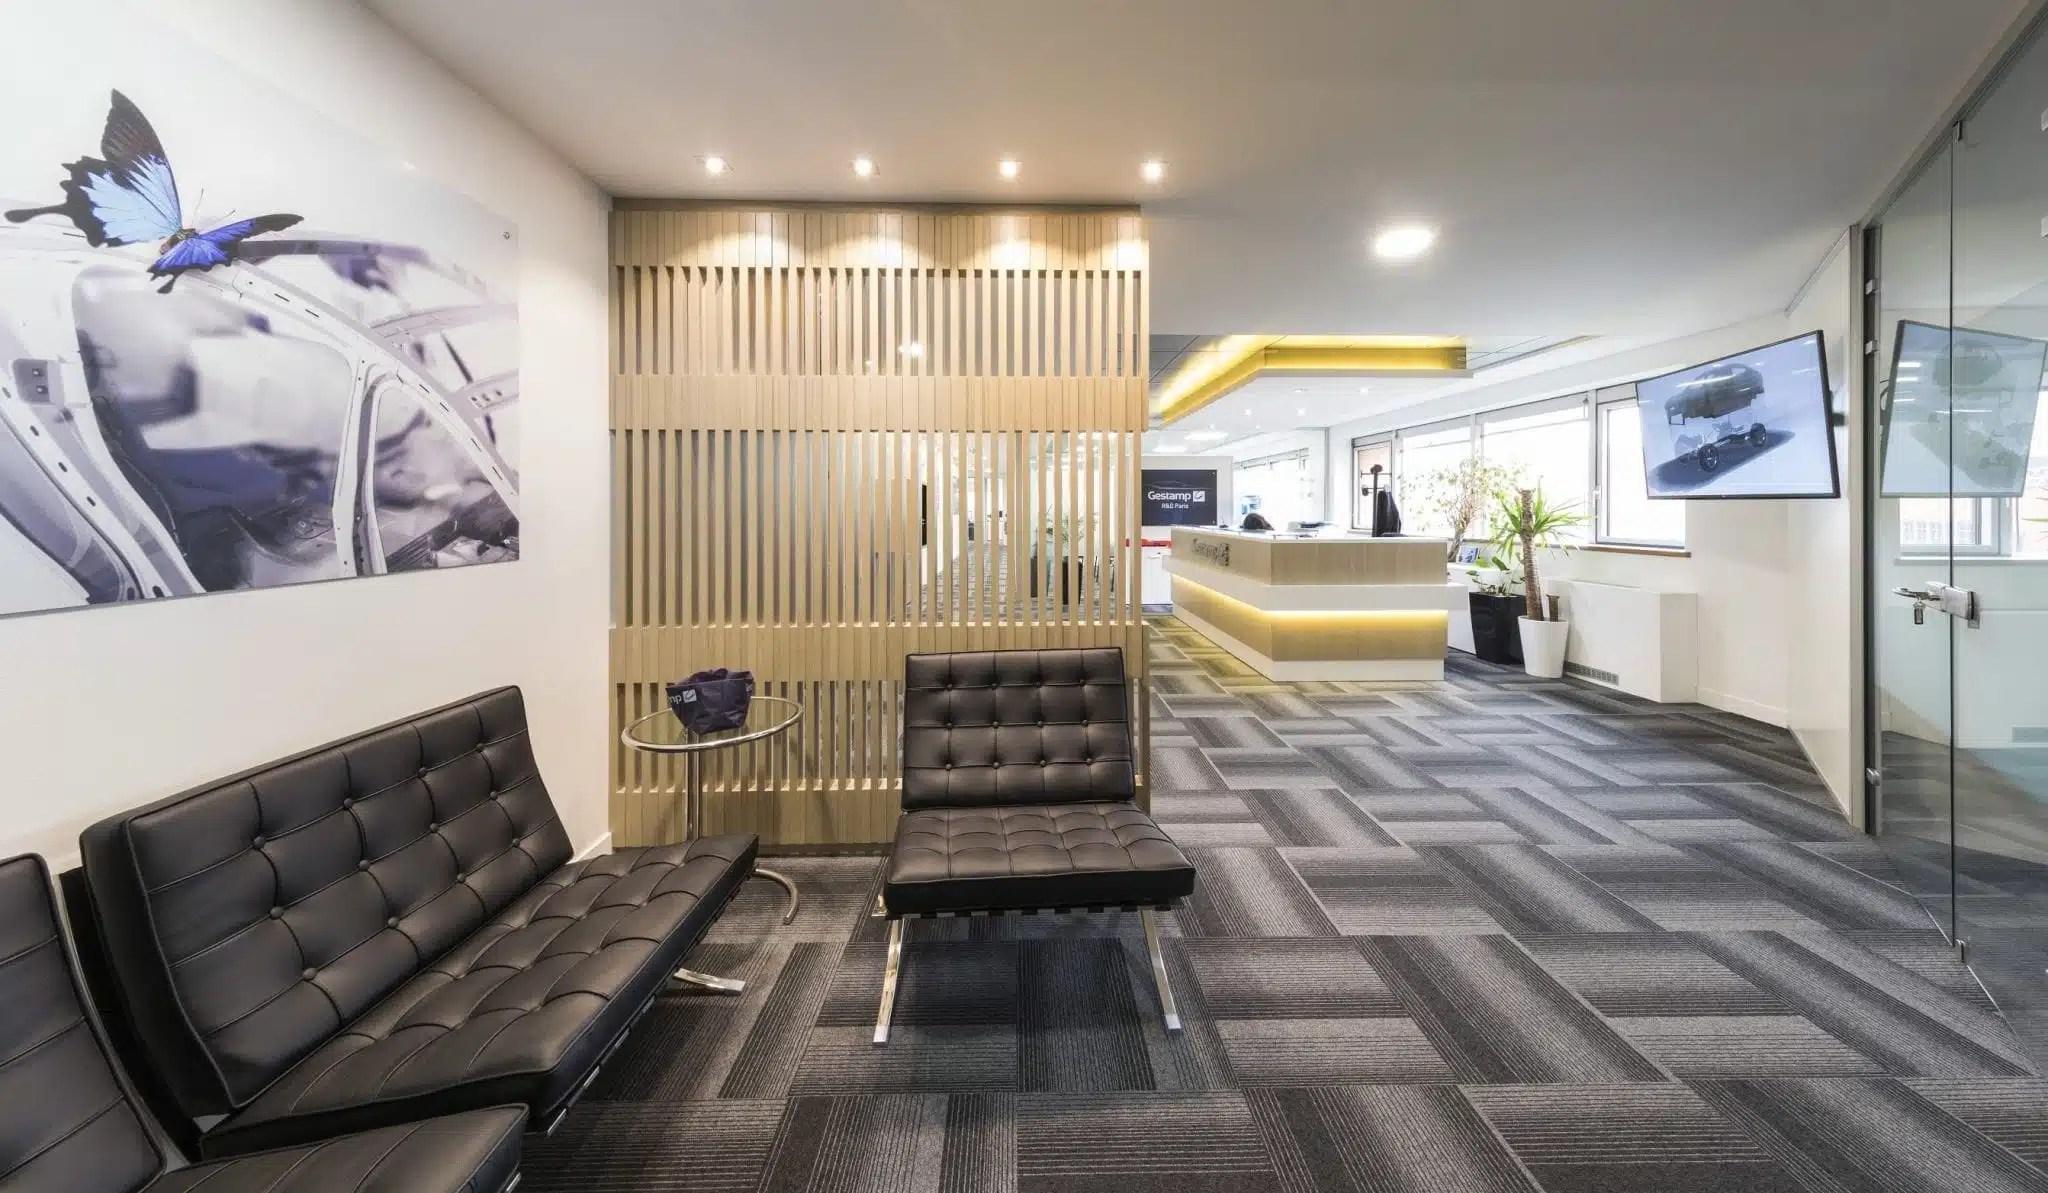 Comptoir de réception design. banque d'accueil moderne pour l'entreprise